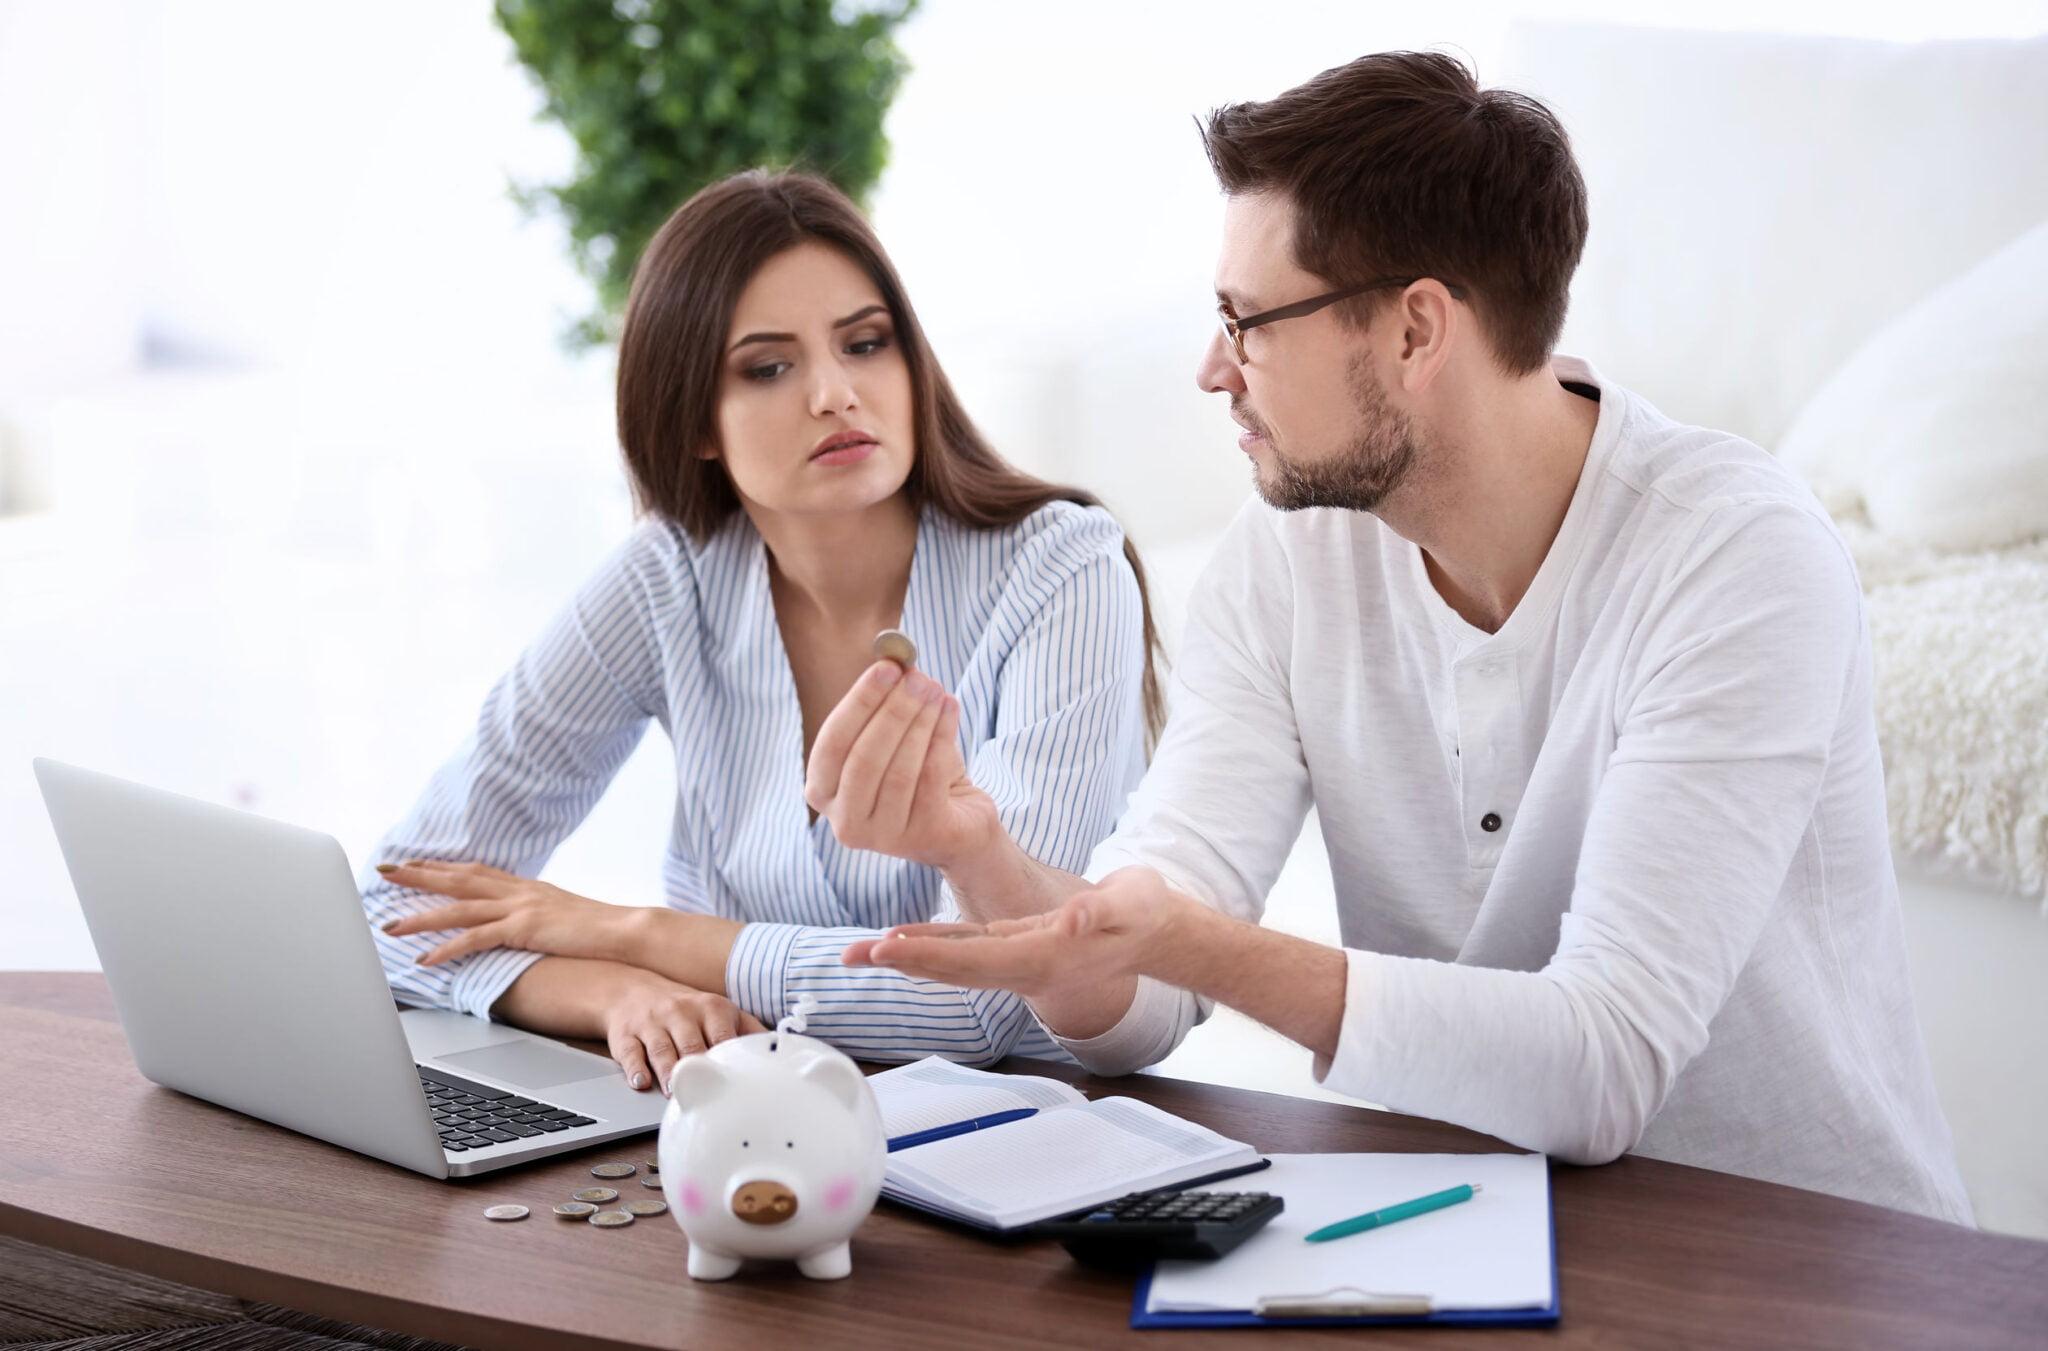 Persoonlijk budgetplan maken; tips en voorbeeld om begroting te maken met overzicht van maandlasten, inkomsten en uitgaven. - Mamaliefde.nl